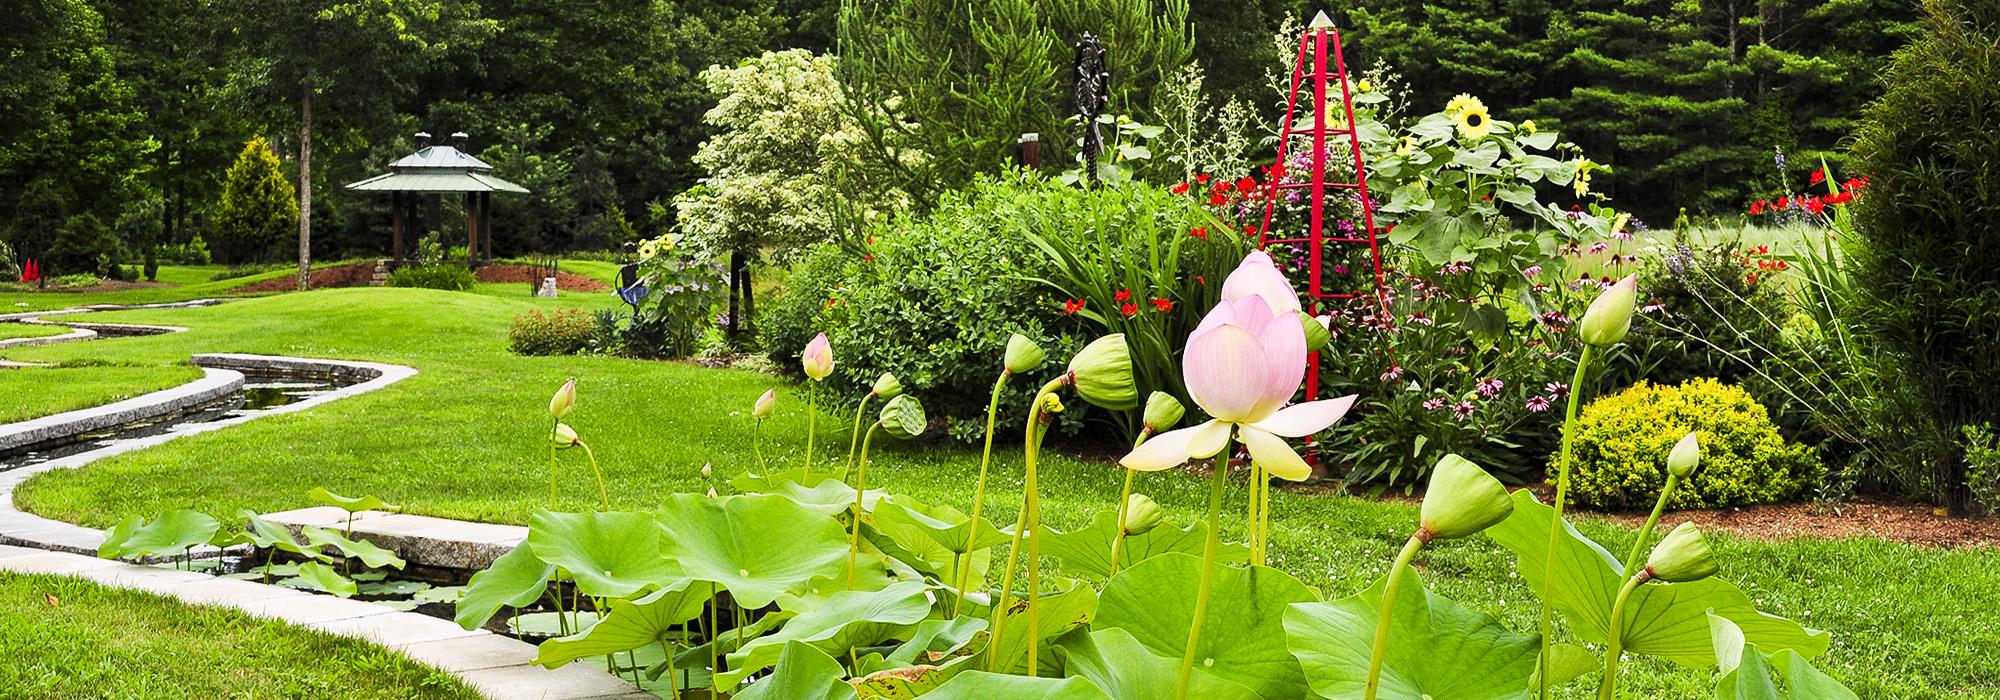 BedrockGardens_hero_GardenDialogues.jpg